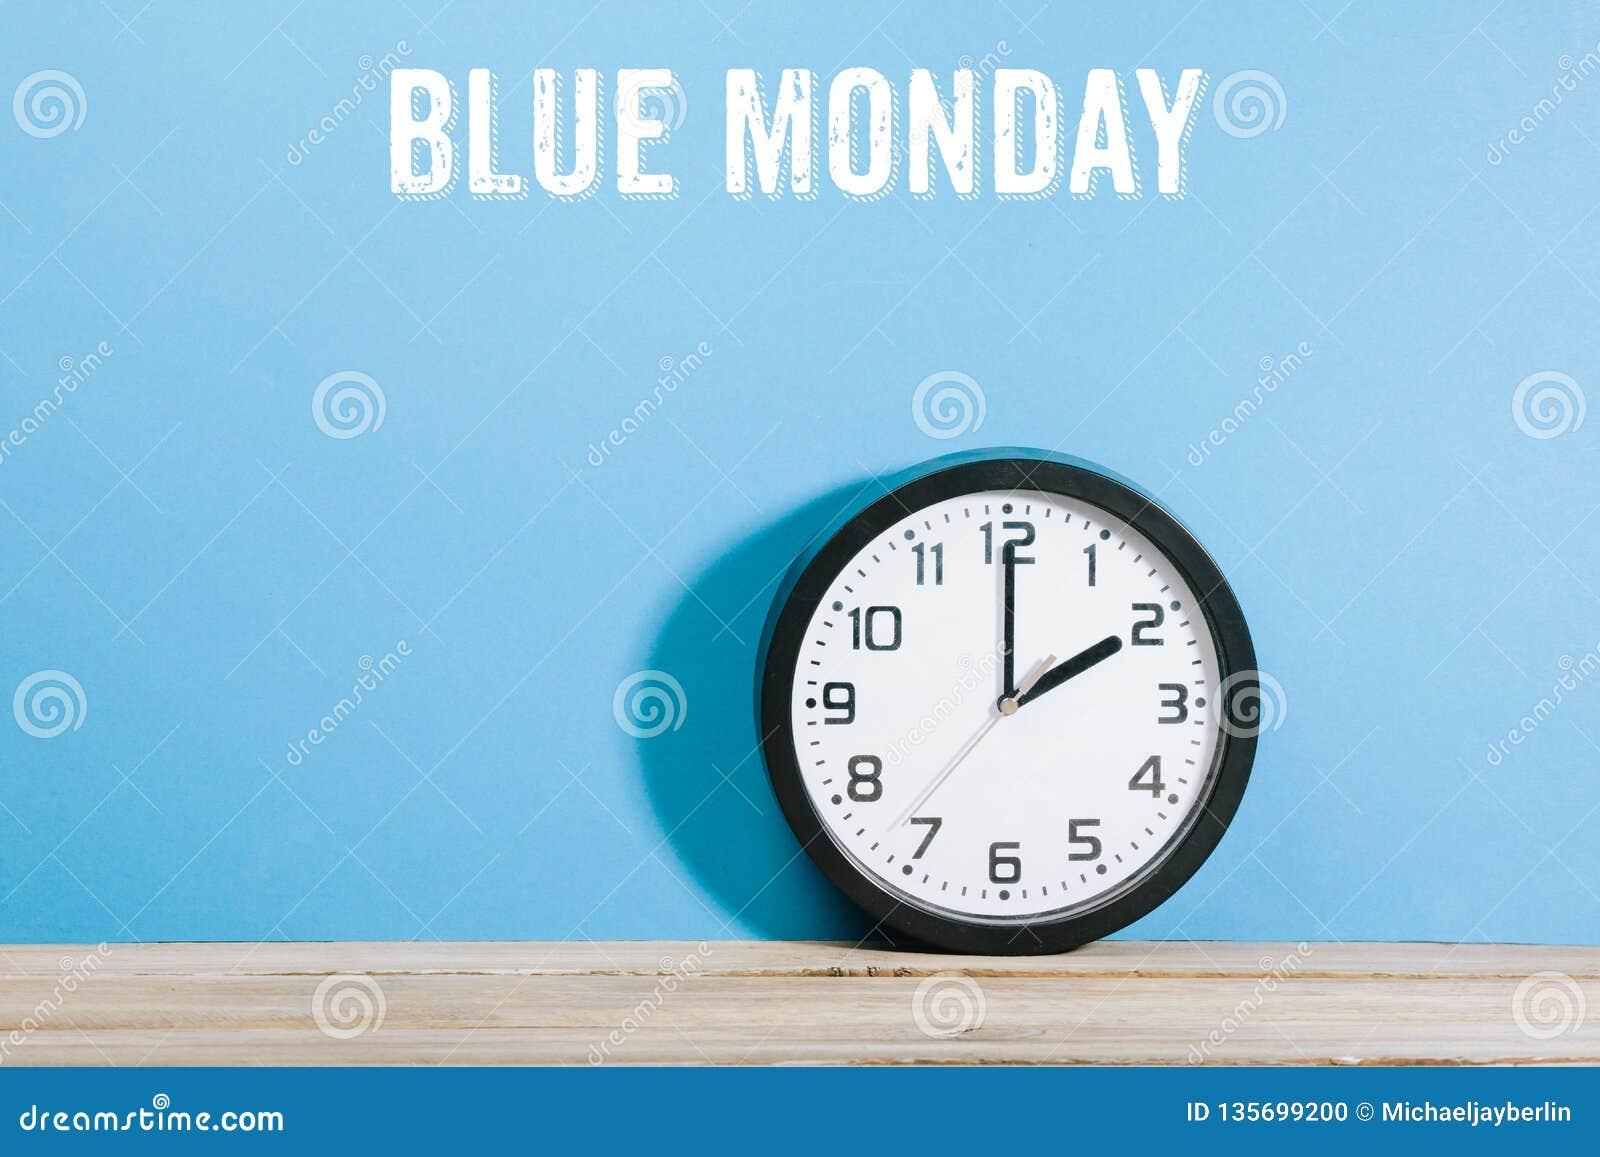 在蓝色色的背景的四旬斋之前最后一个星期一词与时钟